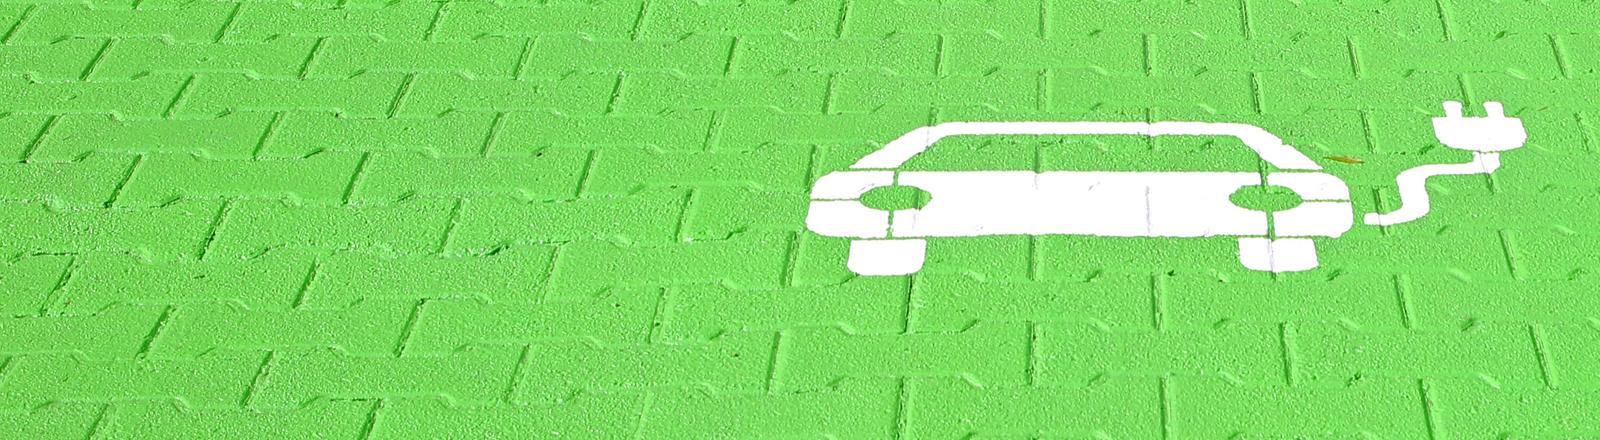 Parkplatz und Ladestation für ein E-Auto. imago images | Gottfried Czepluch